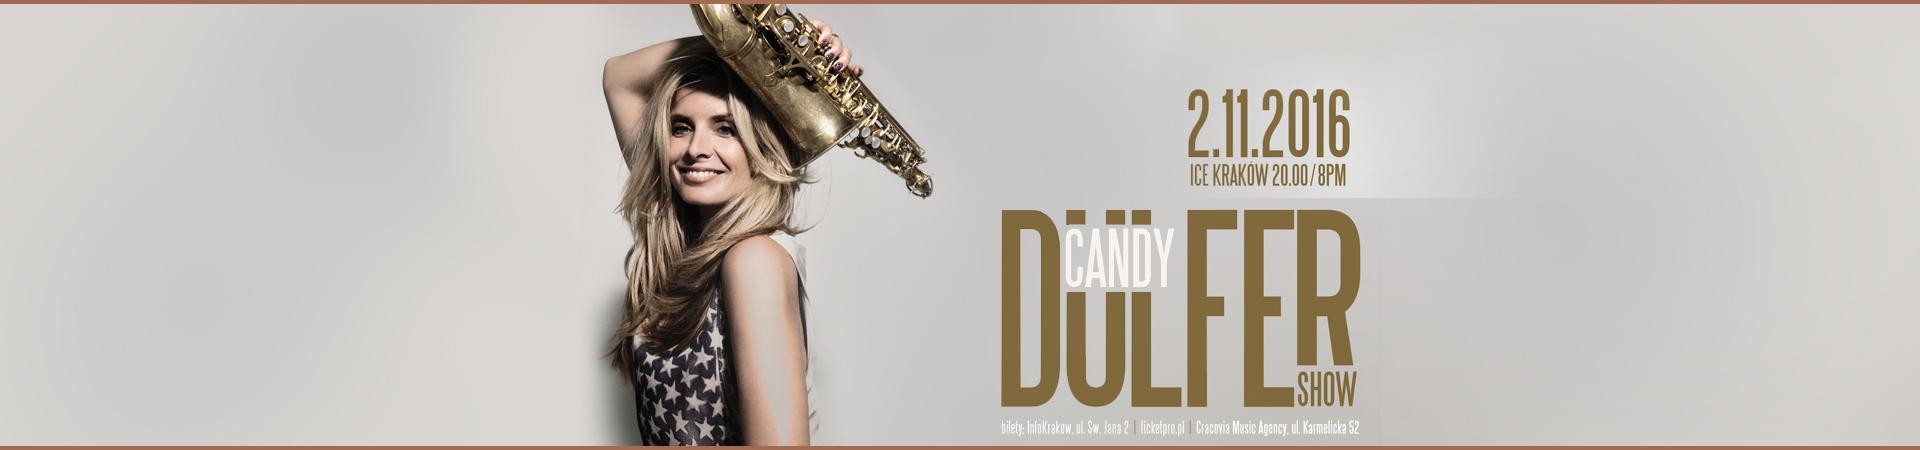 Candy Dulfer Show - 2.11. ICE Kraków